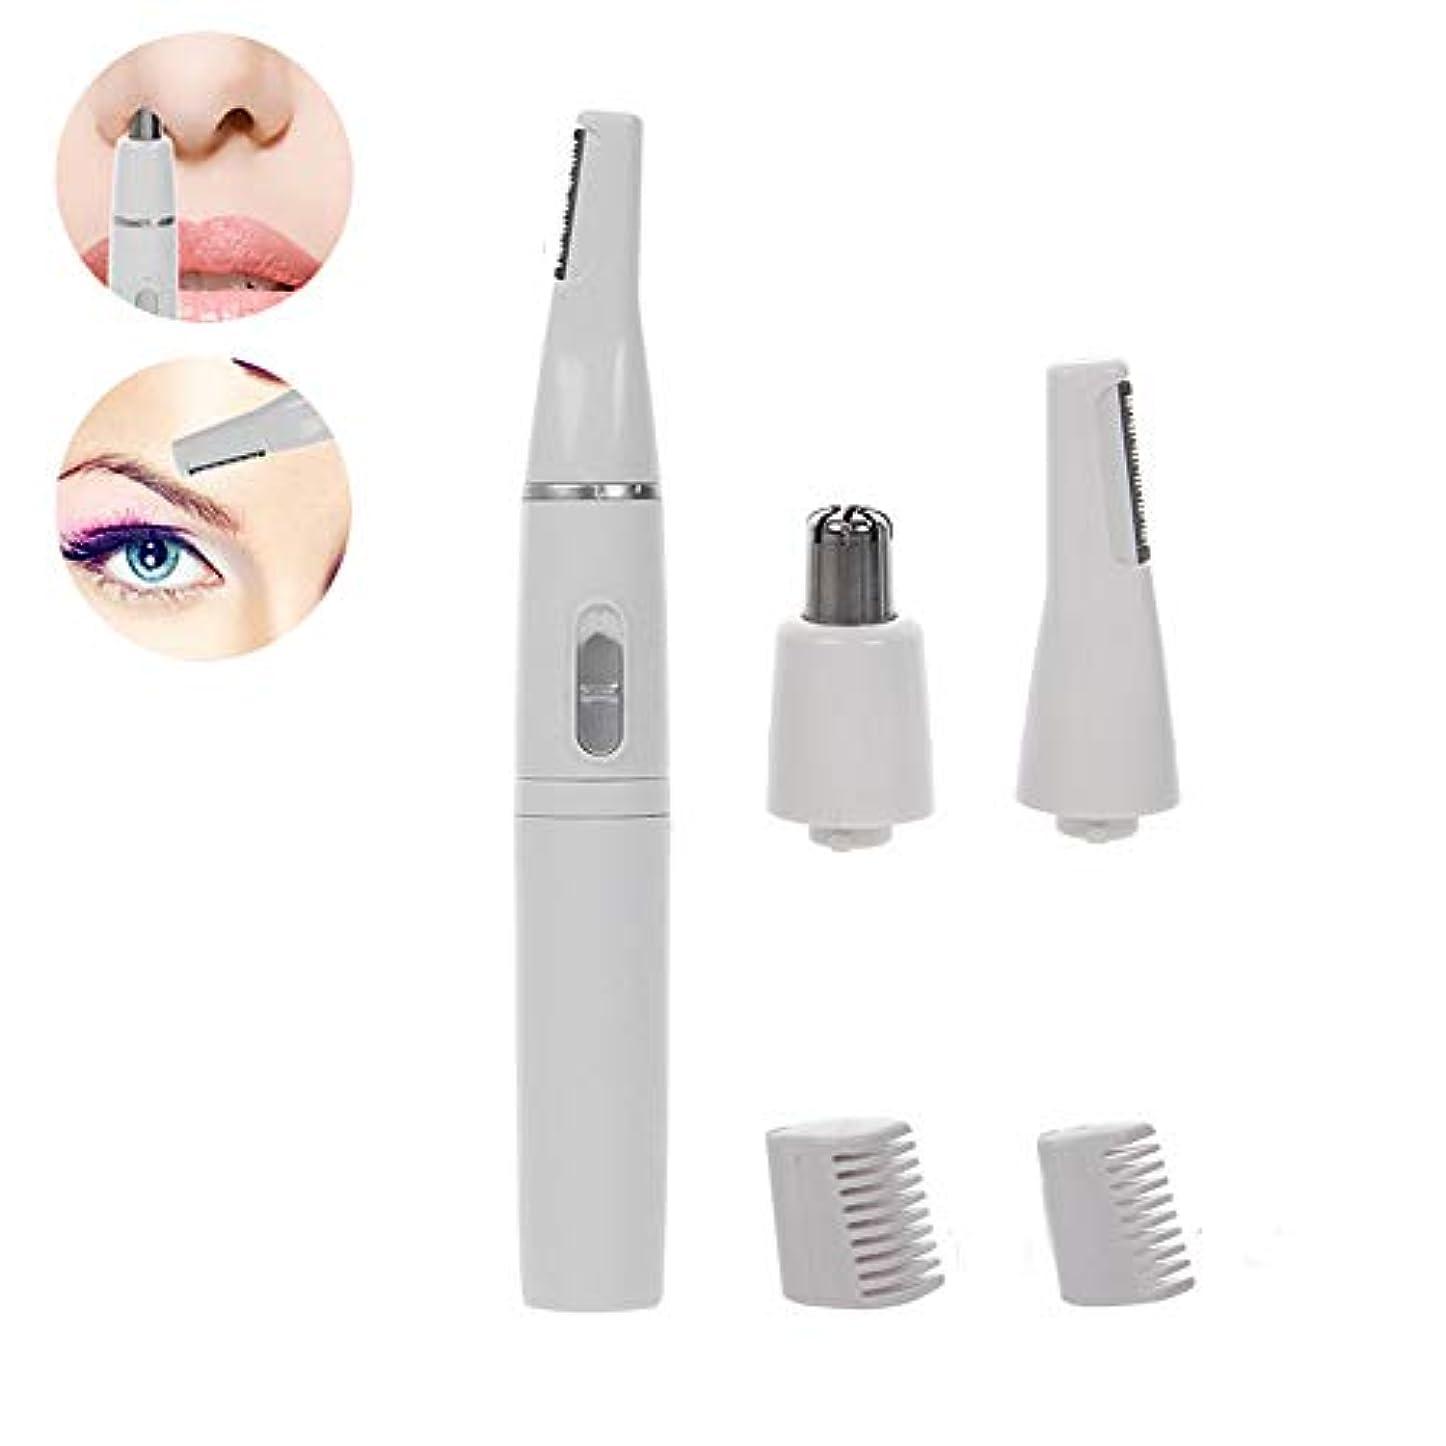 ご近所パンフレット穴電動眉毛整形ナイフ、2 in 1鼻毛、かみそり防水、ユニセックス